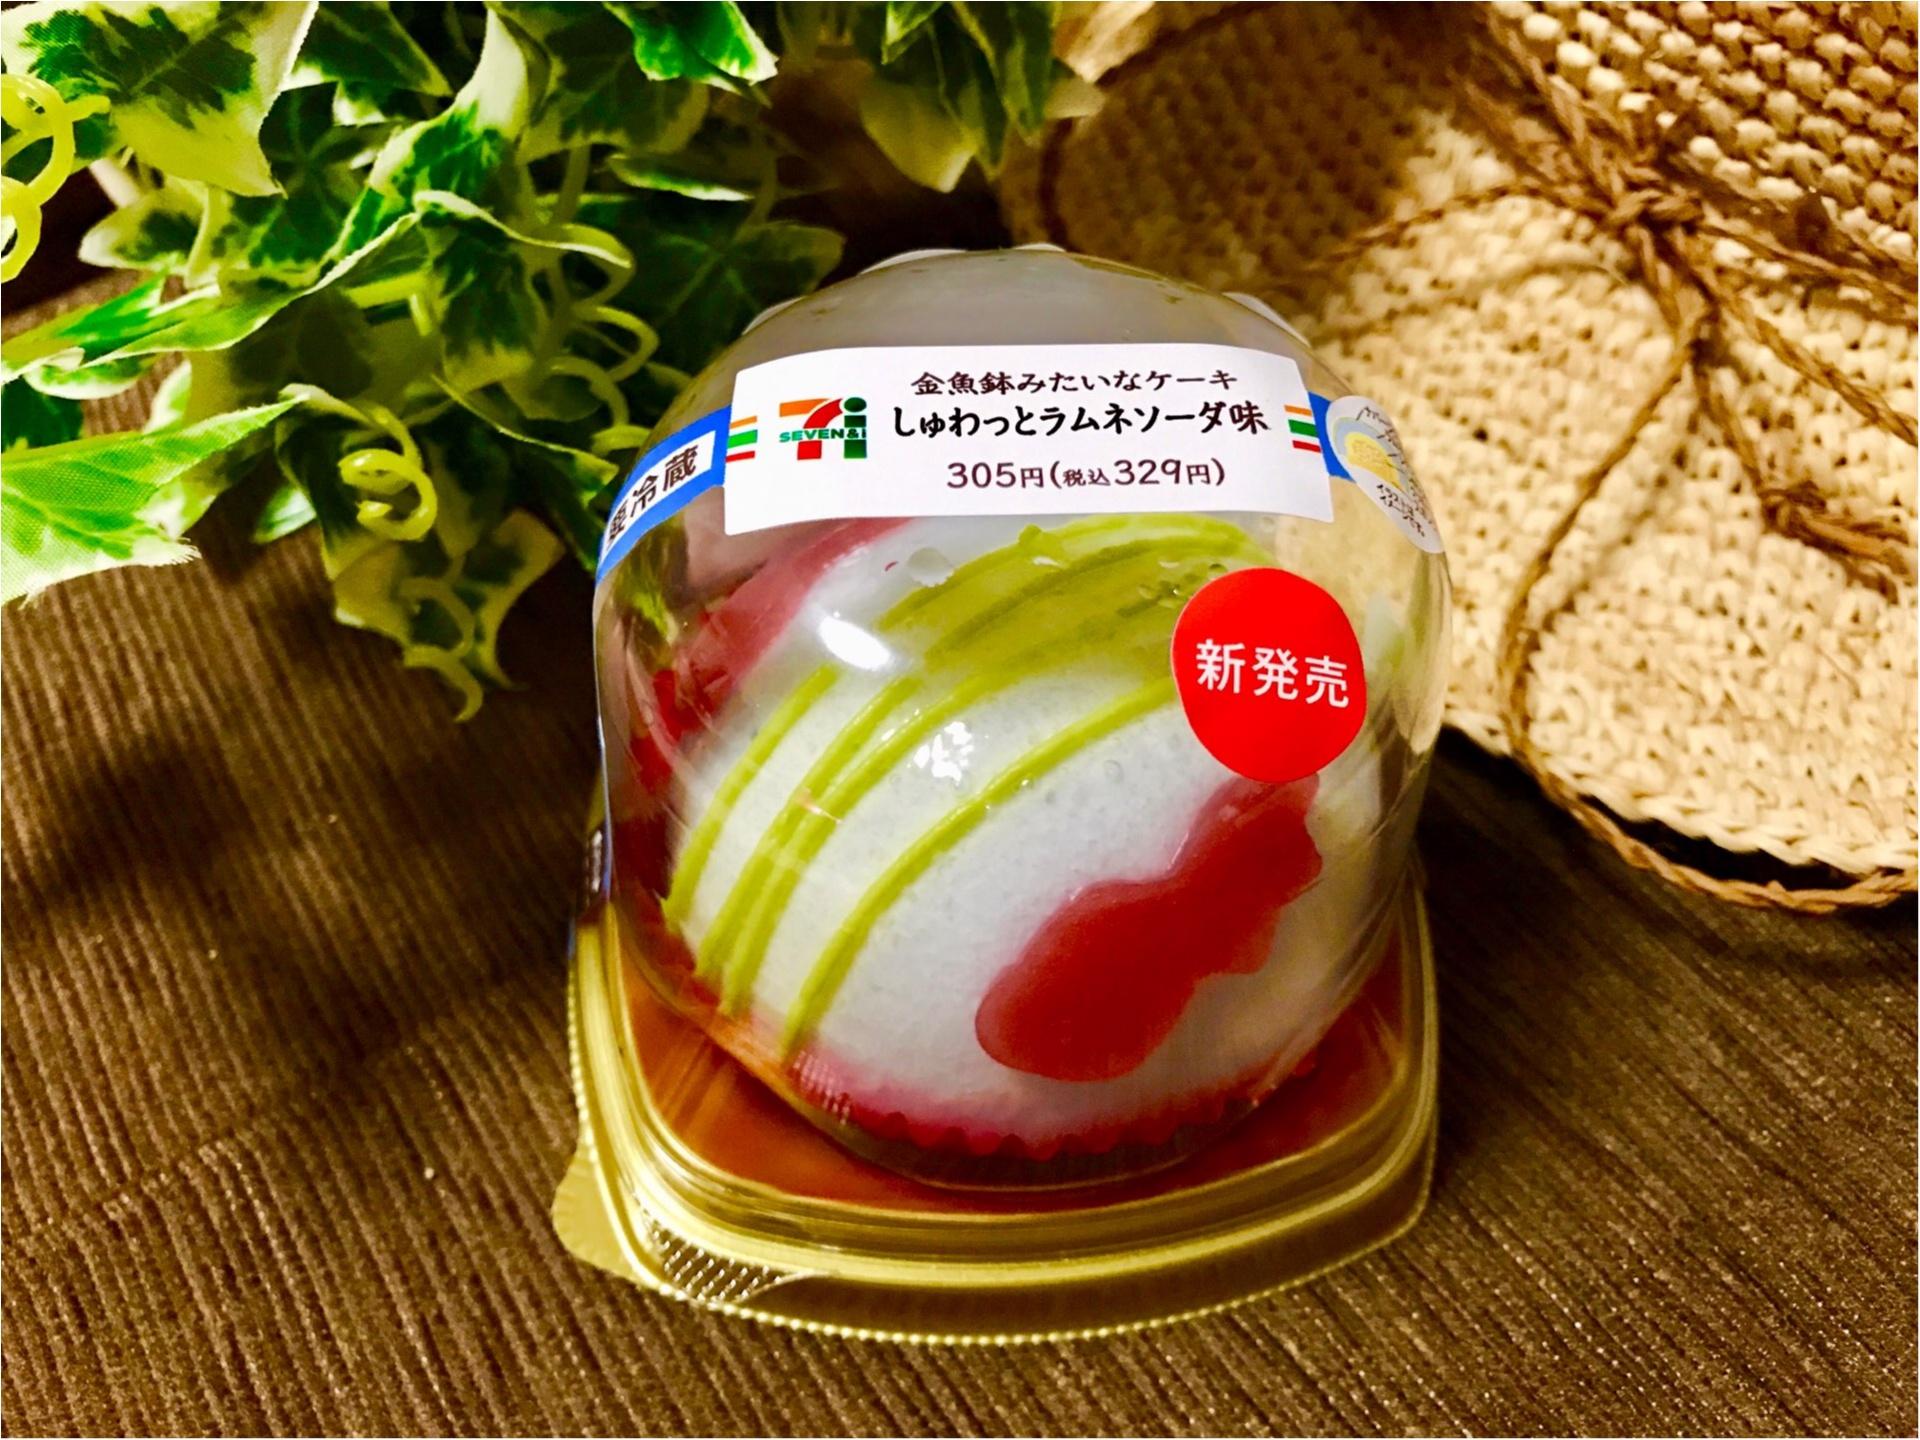 夏に食べたい!【新セブンスイーツ】金魚鉢をモチーフにしたケーキがかわいすぎる♡_1